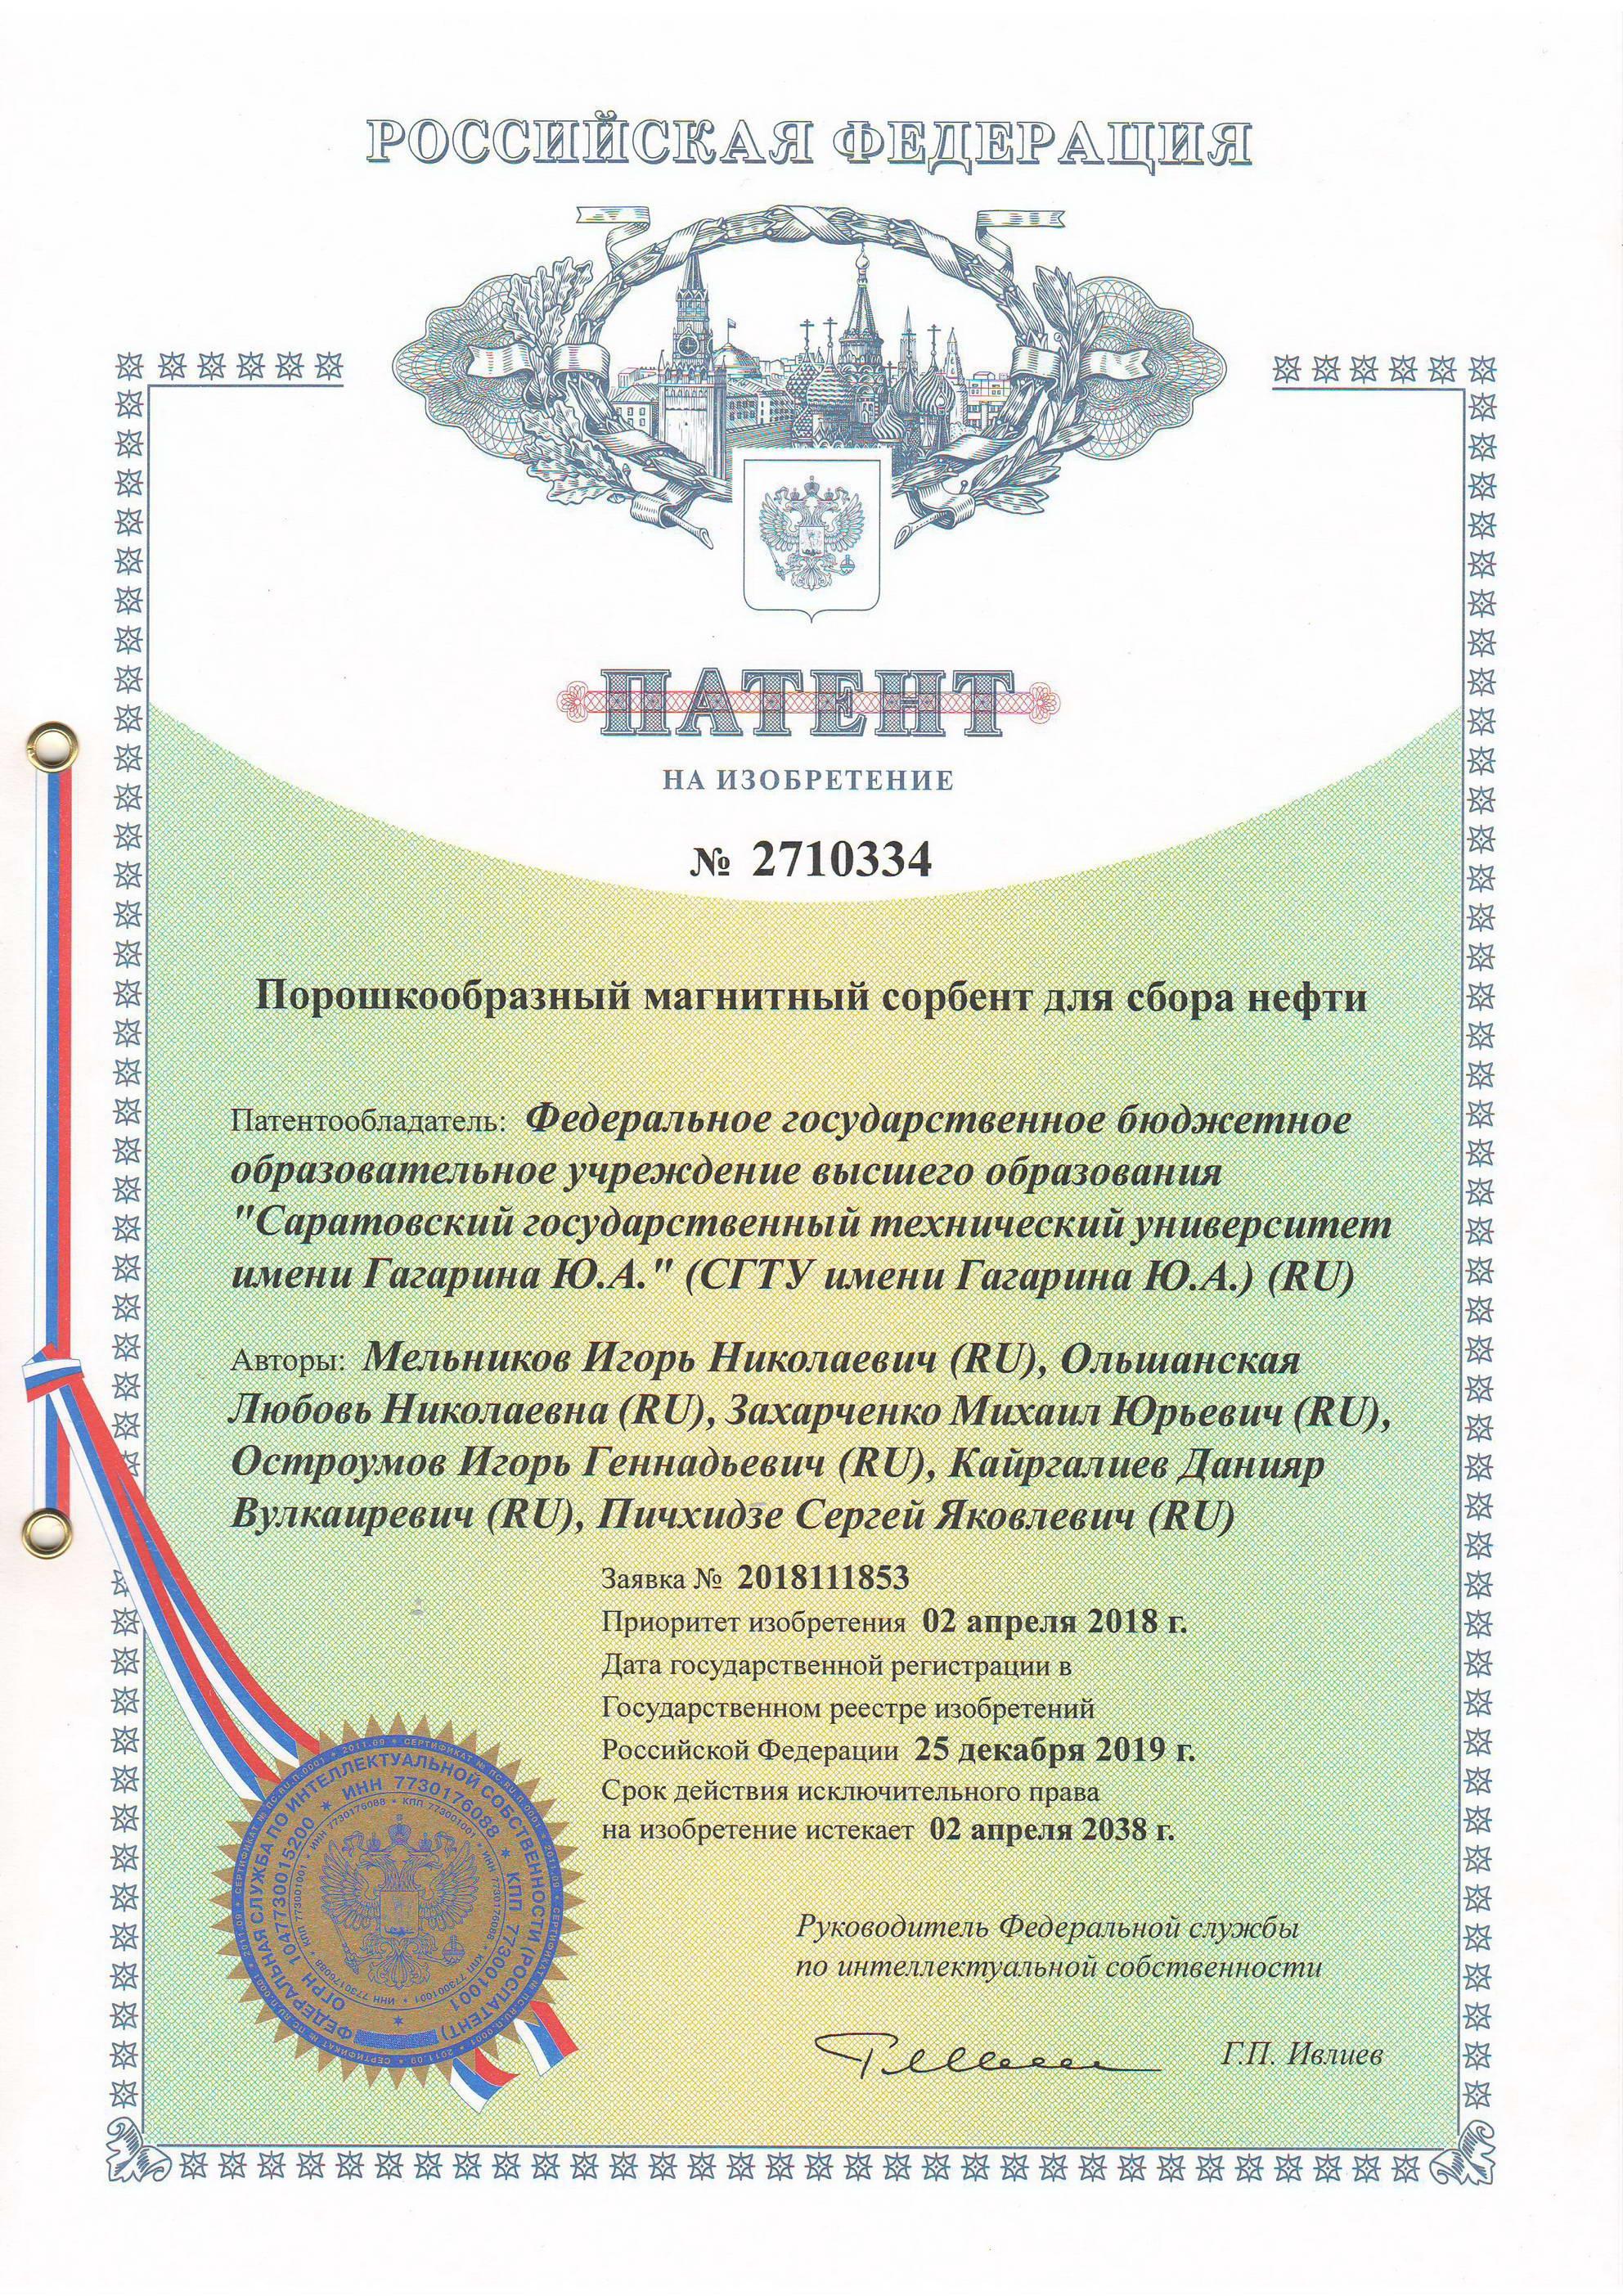 Патент № 2710334